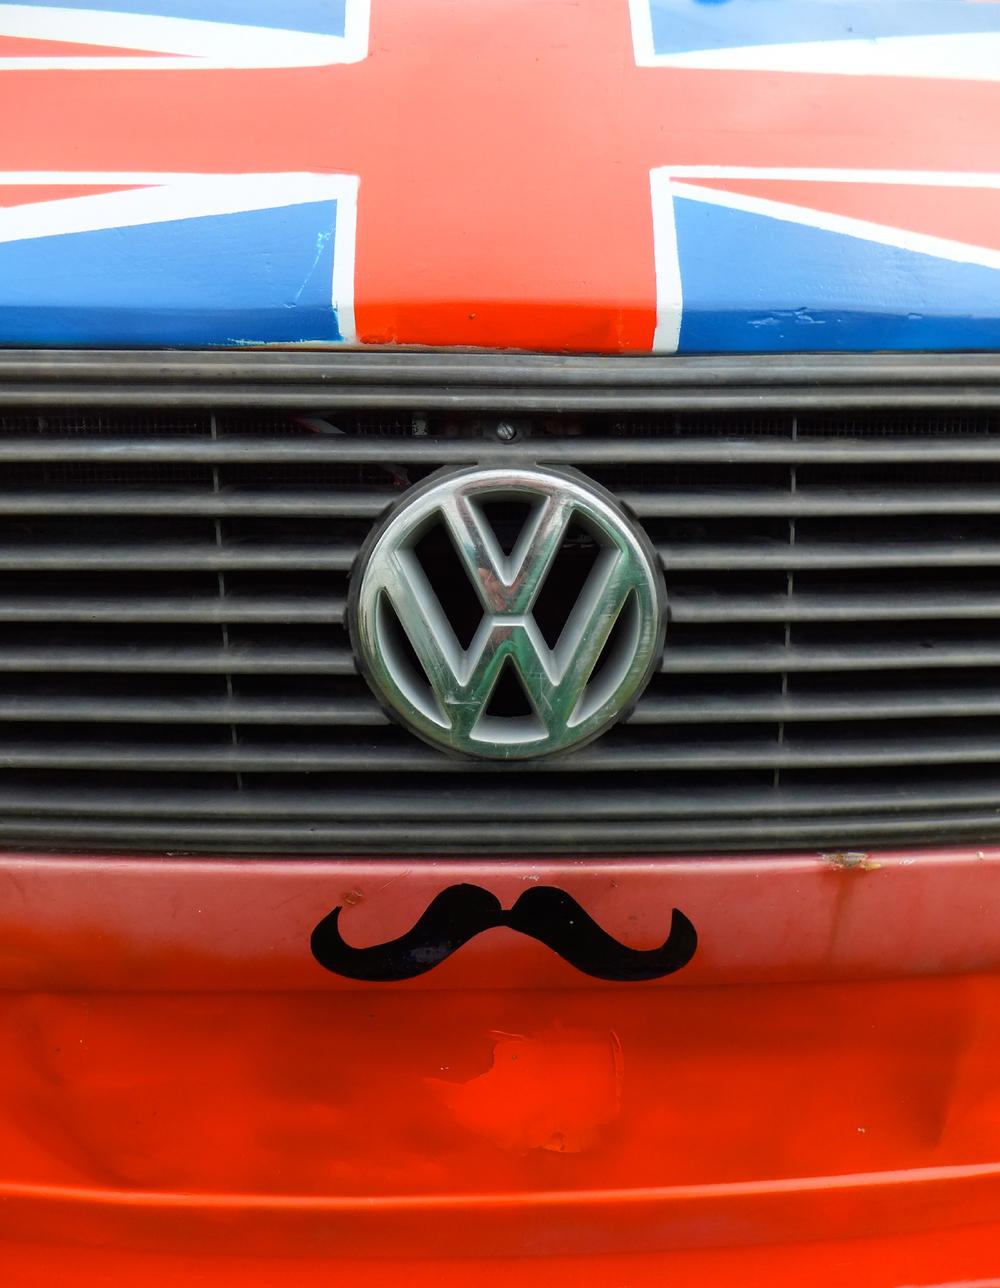 VW_slideshow-3.jpg